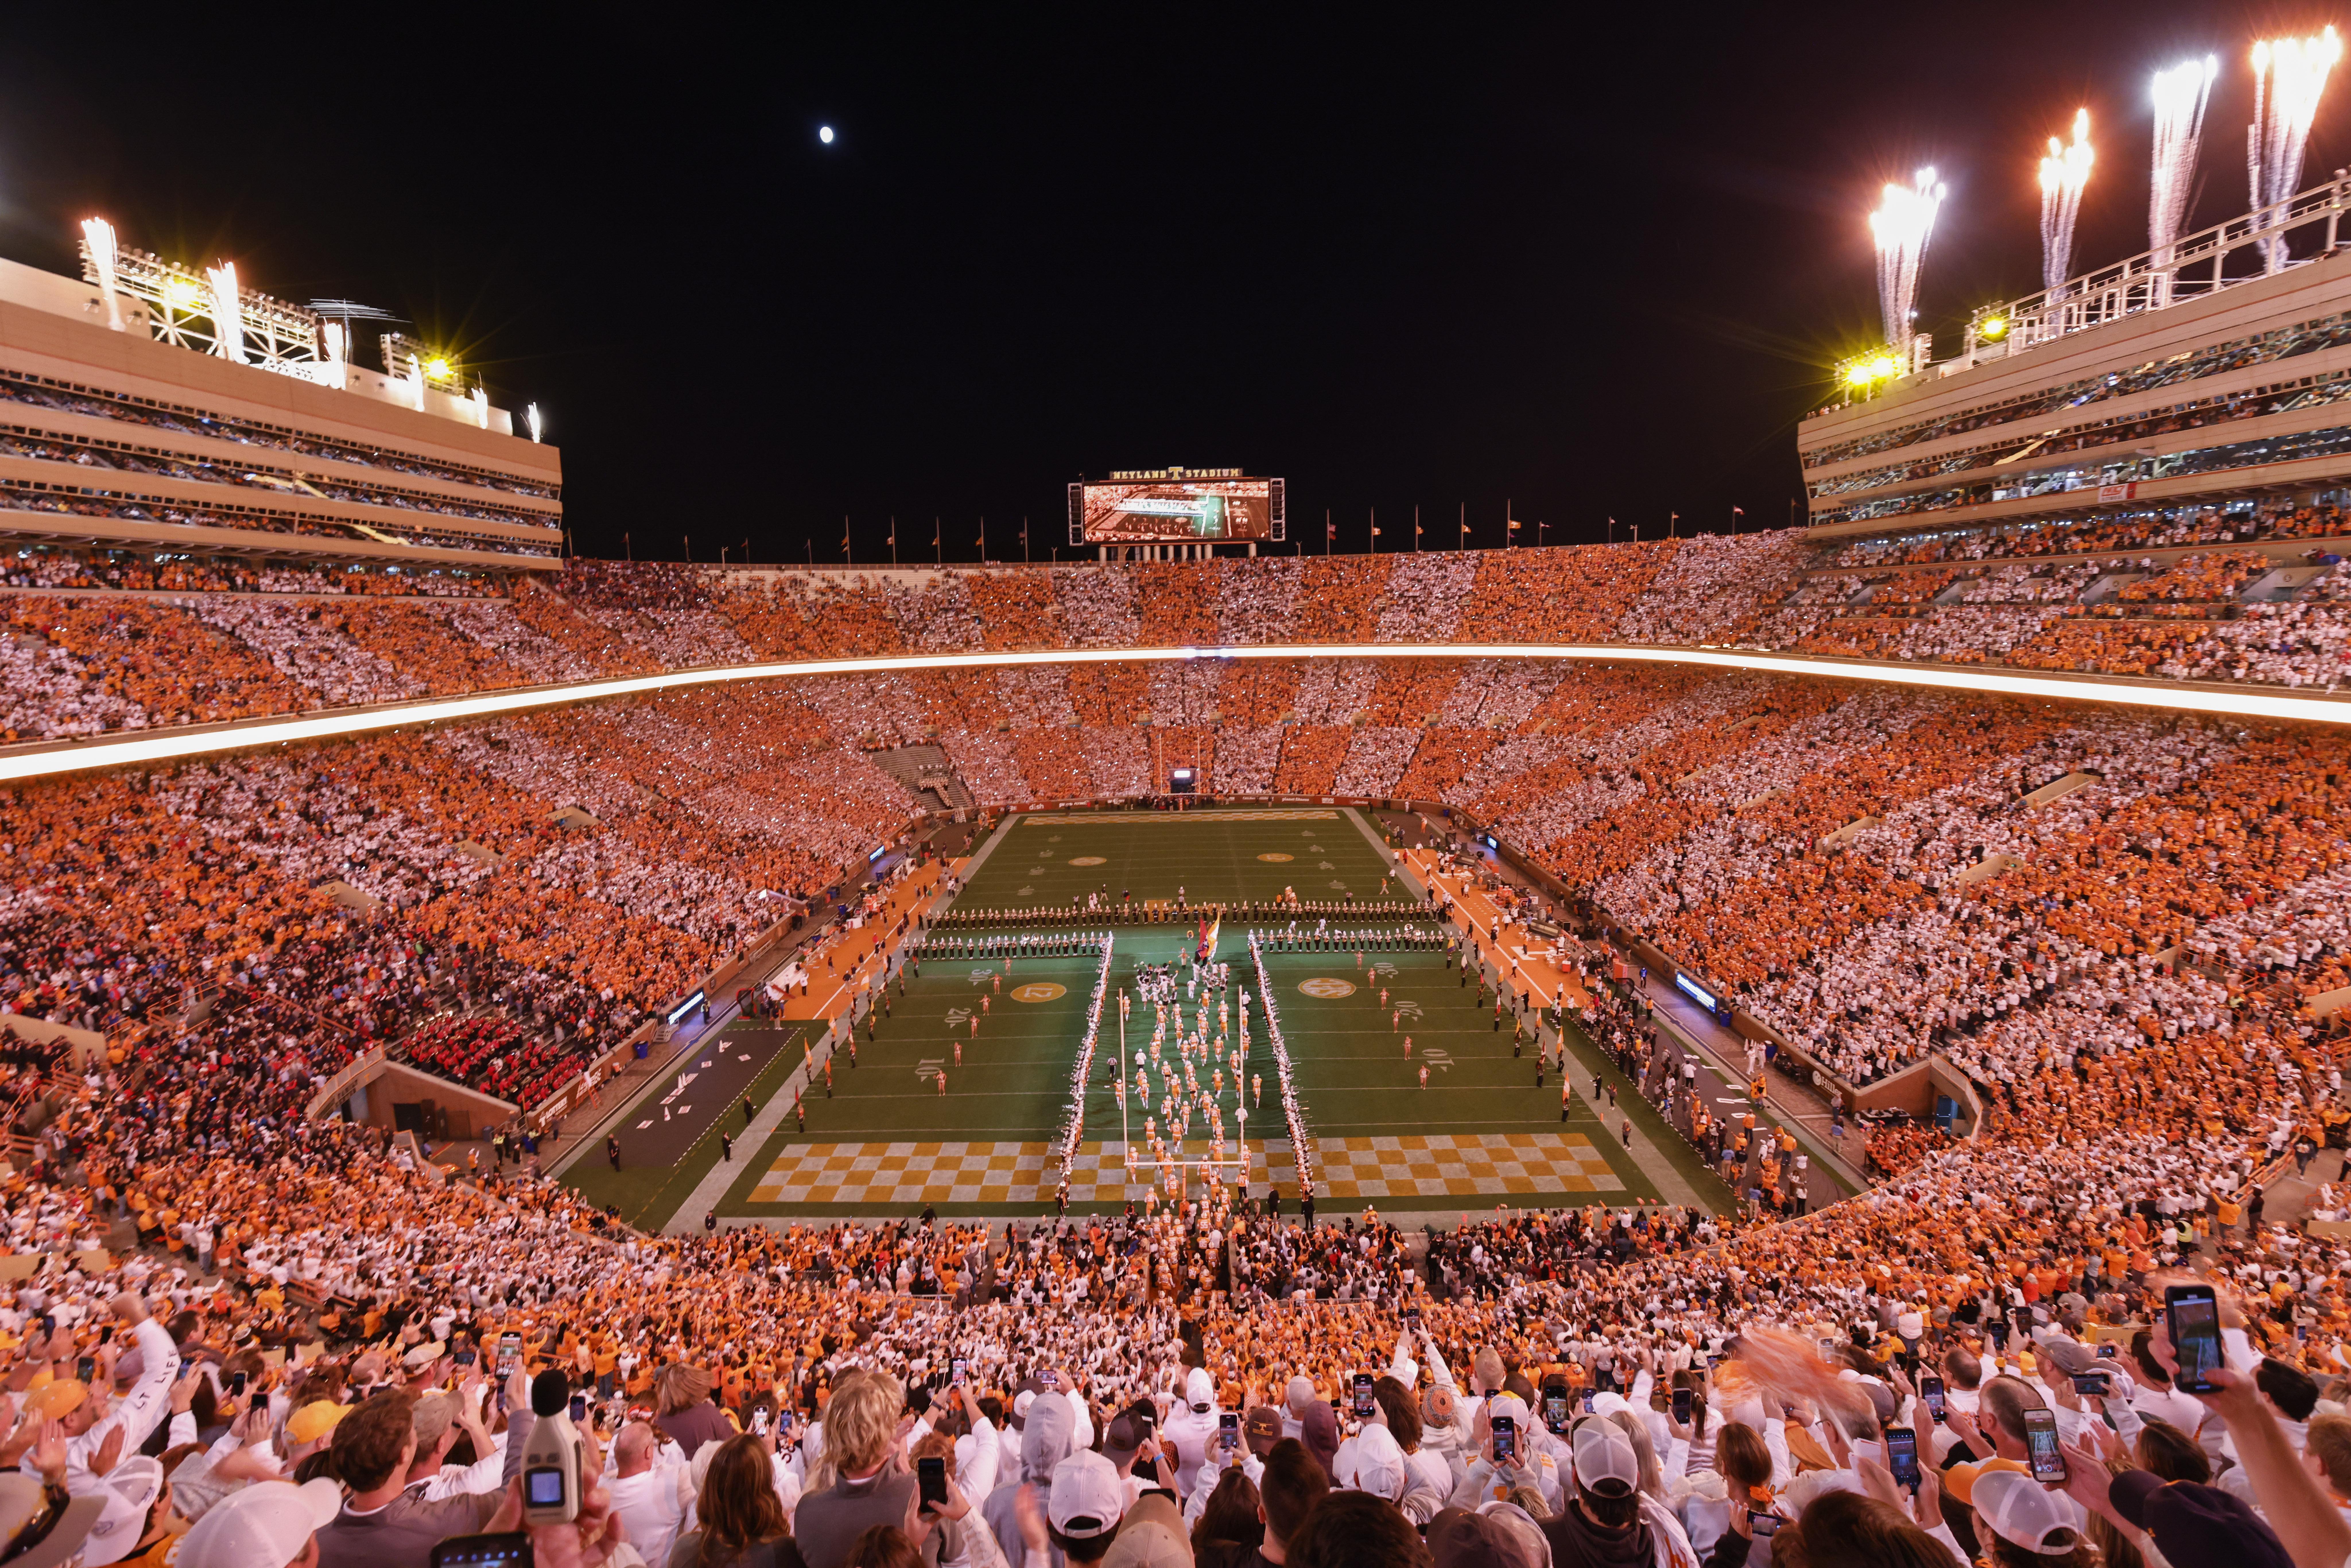 Tennessee Fined $250K for Fan Behavior in Loss vs. Lane Kiffin, Ole Miss